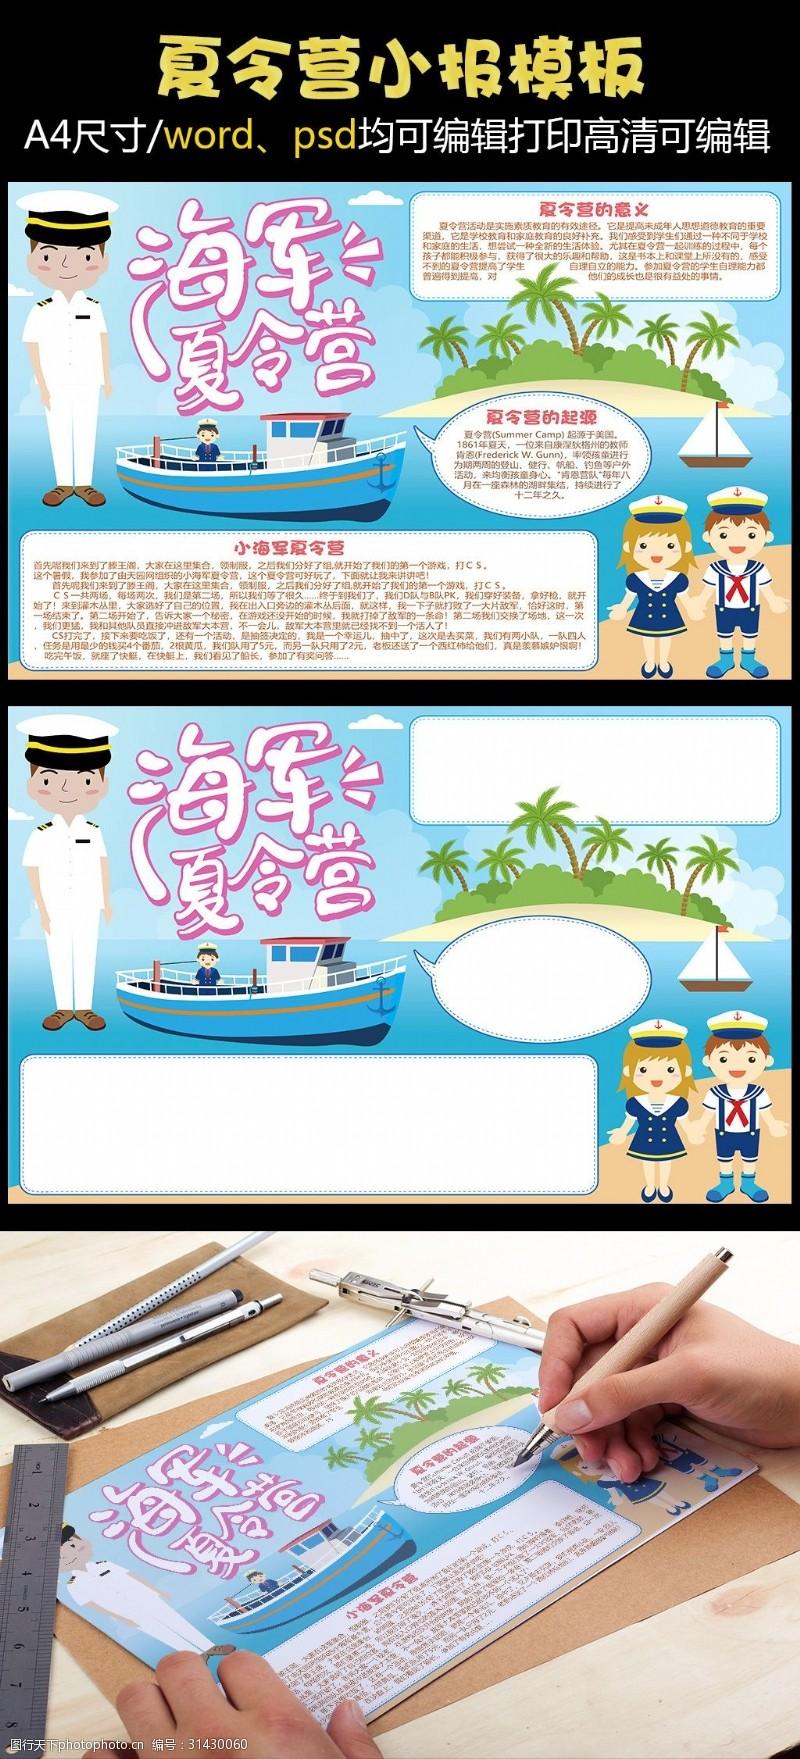 夏令營手抄報藍色卡通海軍夏令營小報